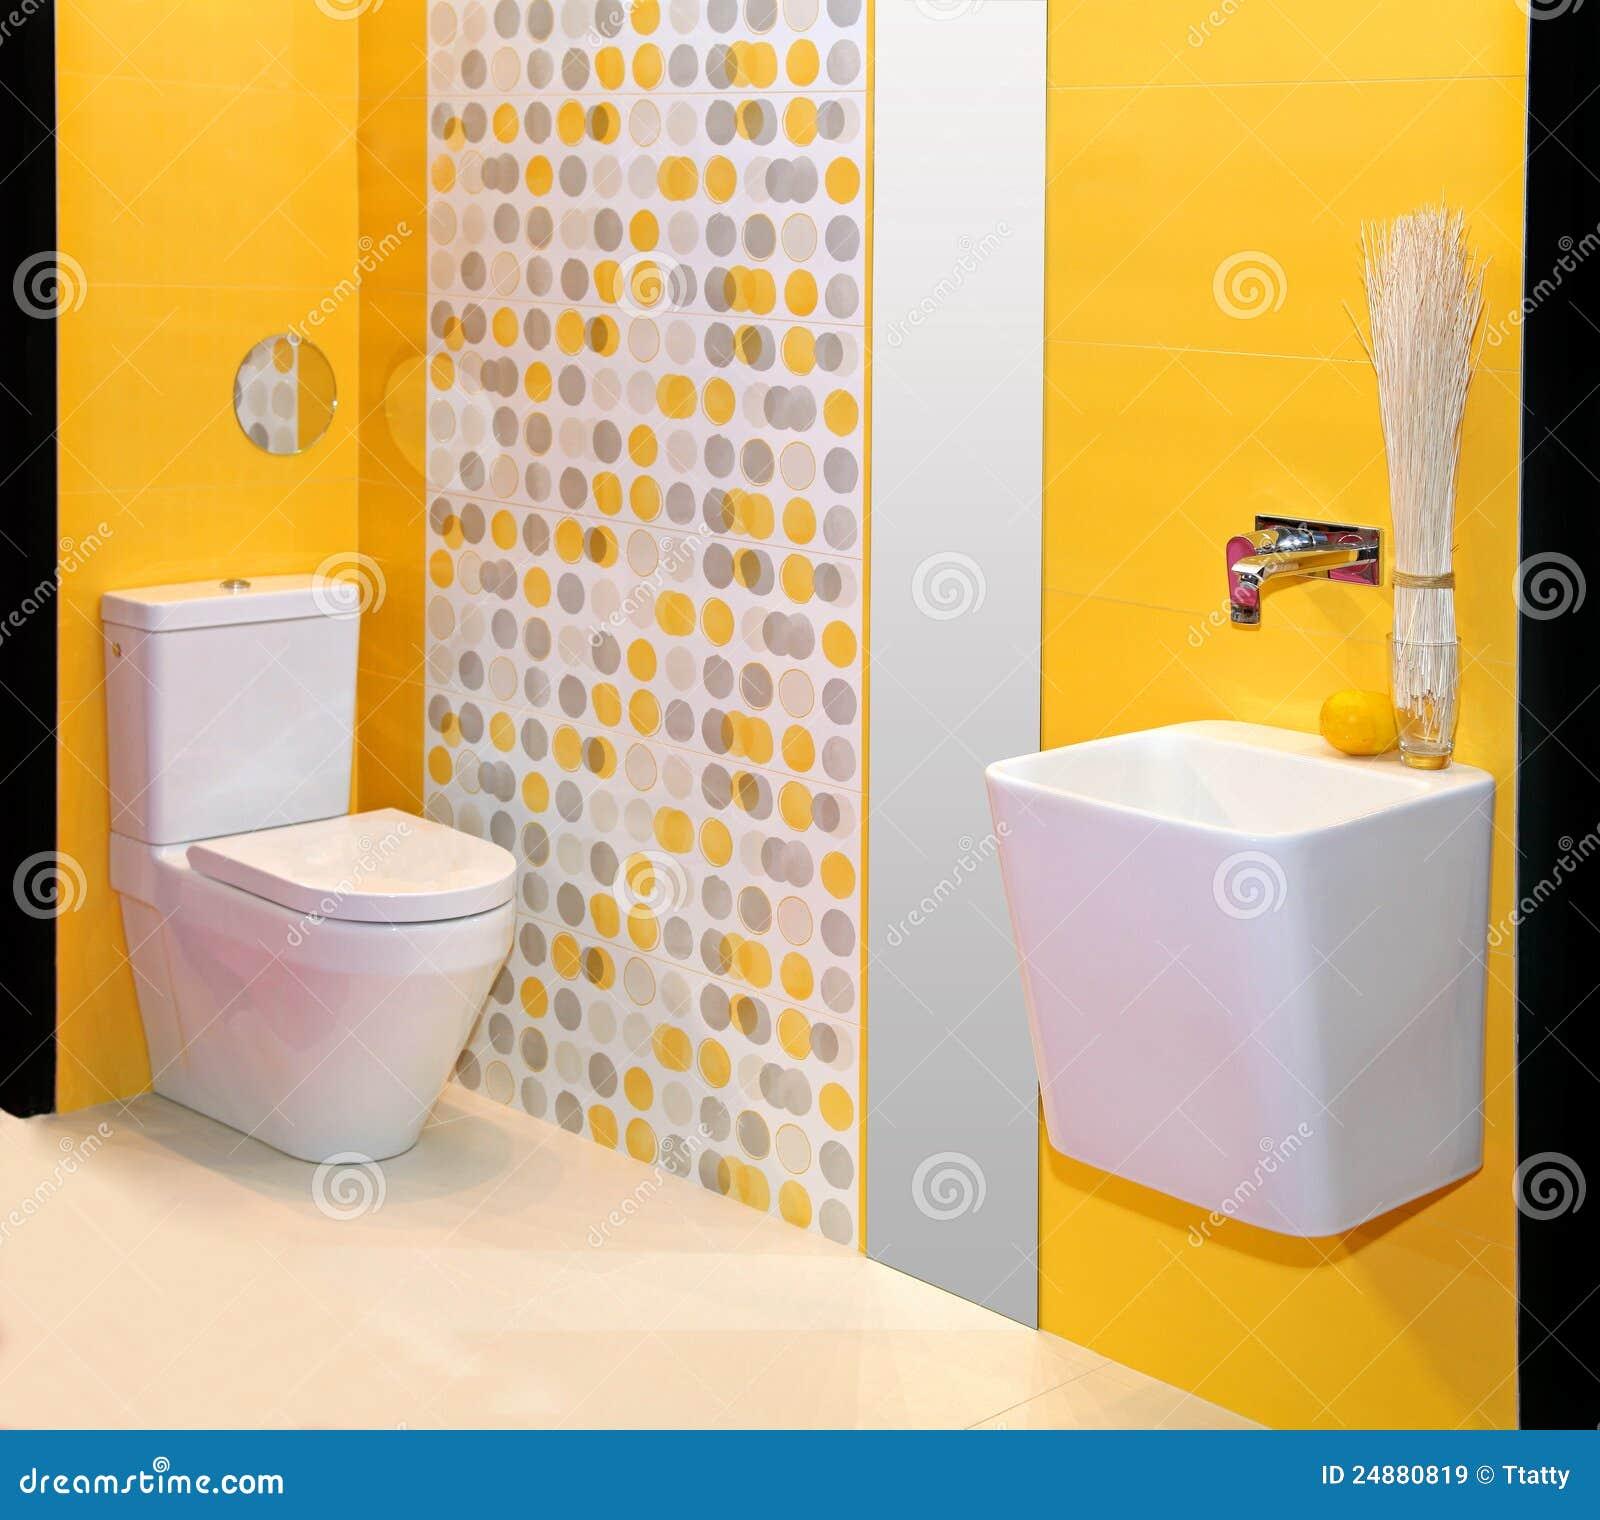 Banheiro Amarelo Imagens de Stock Royalty Free Imagem: 24880819 #C58E06 1300x1252 Banheiro Amarelo E Cinza